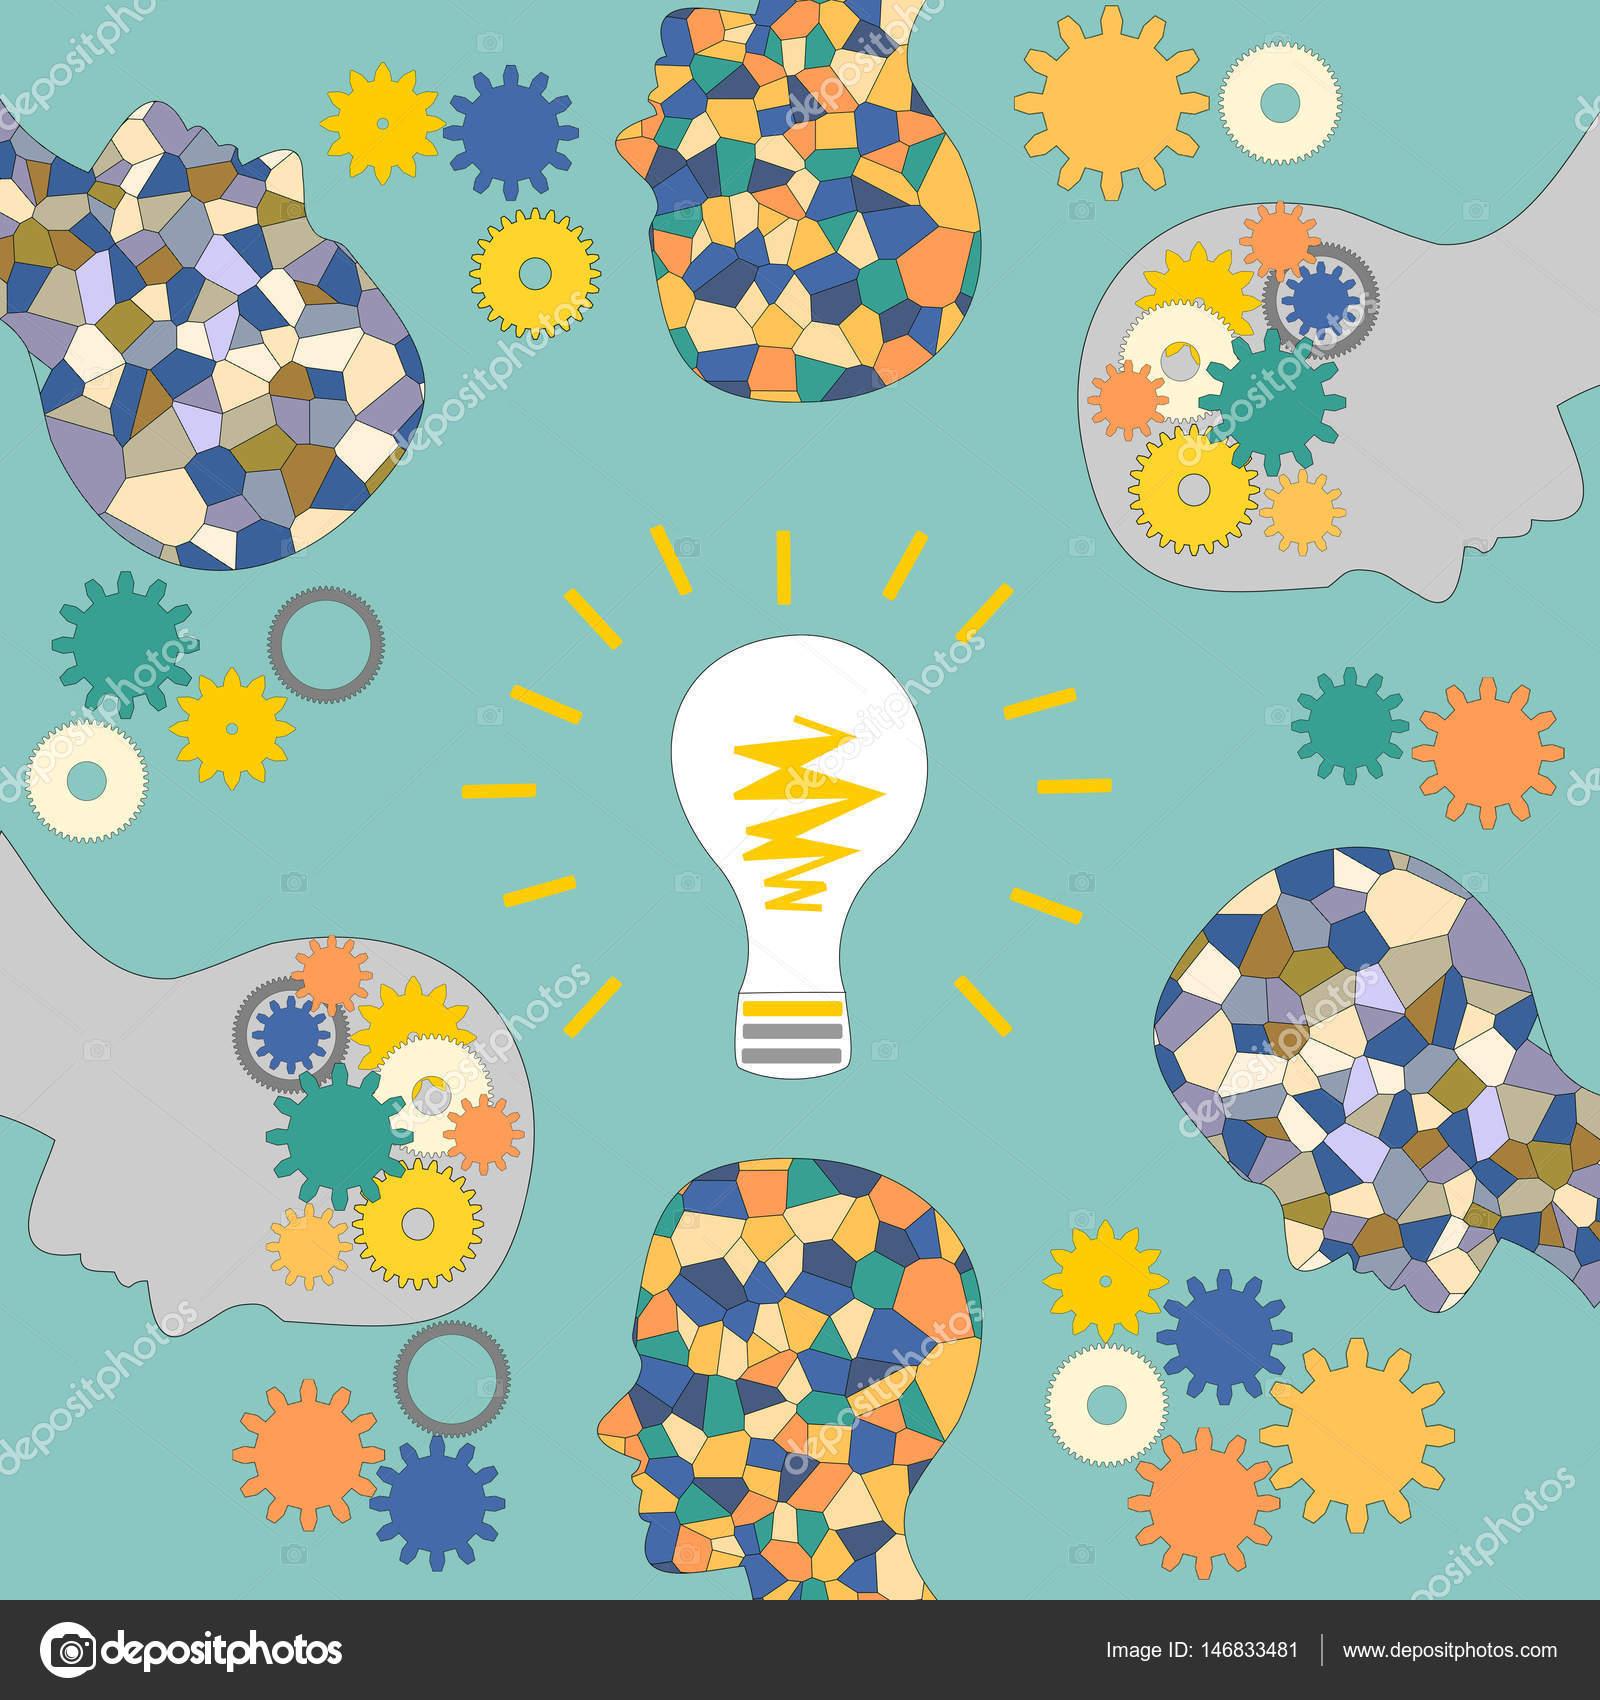 de opkomst van ideen het hoofd van de mozaek van man verlichting en creativiteit teamwerk foto van tanusha